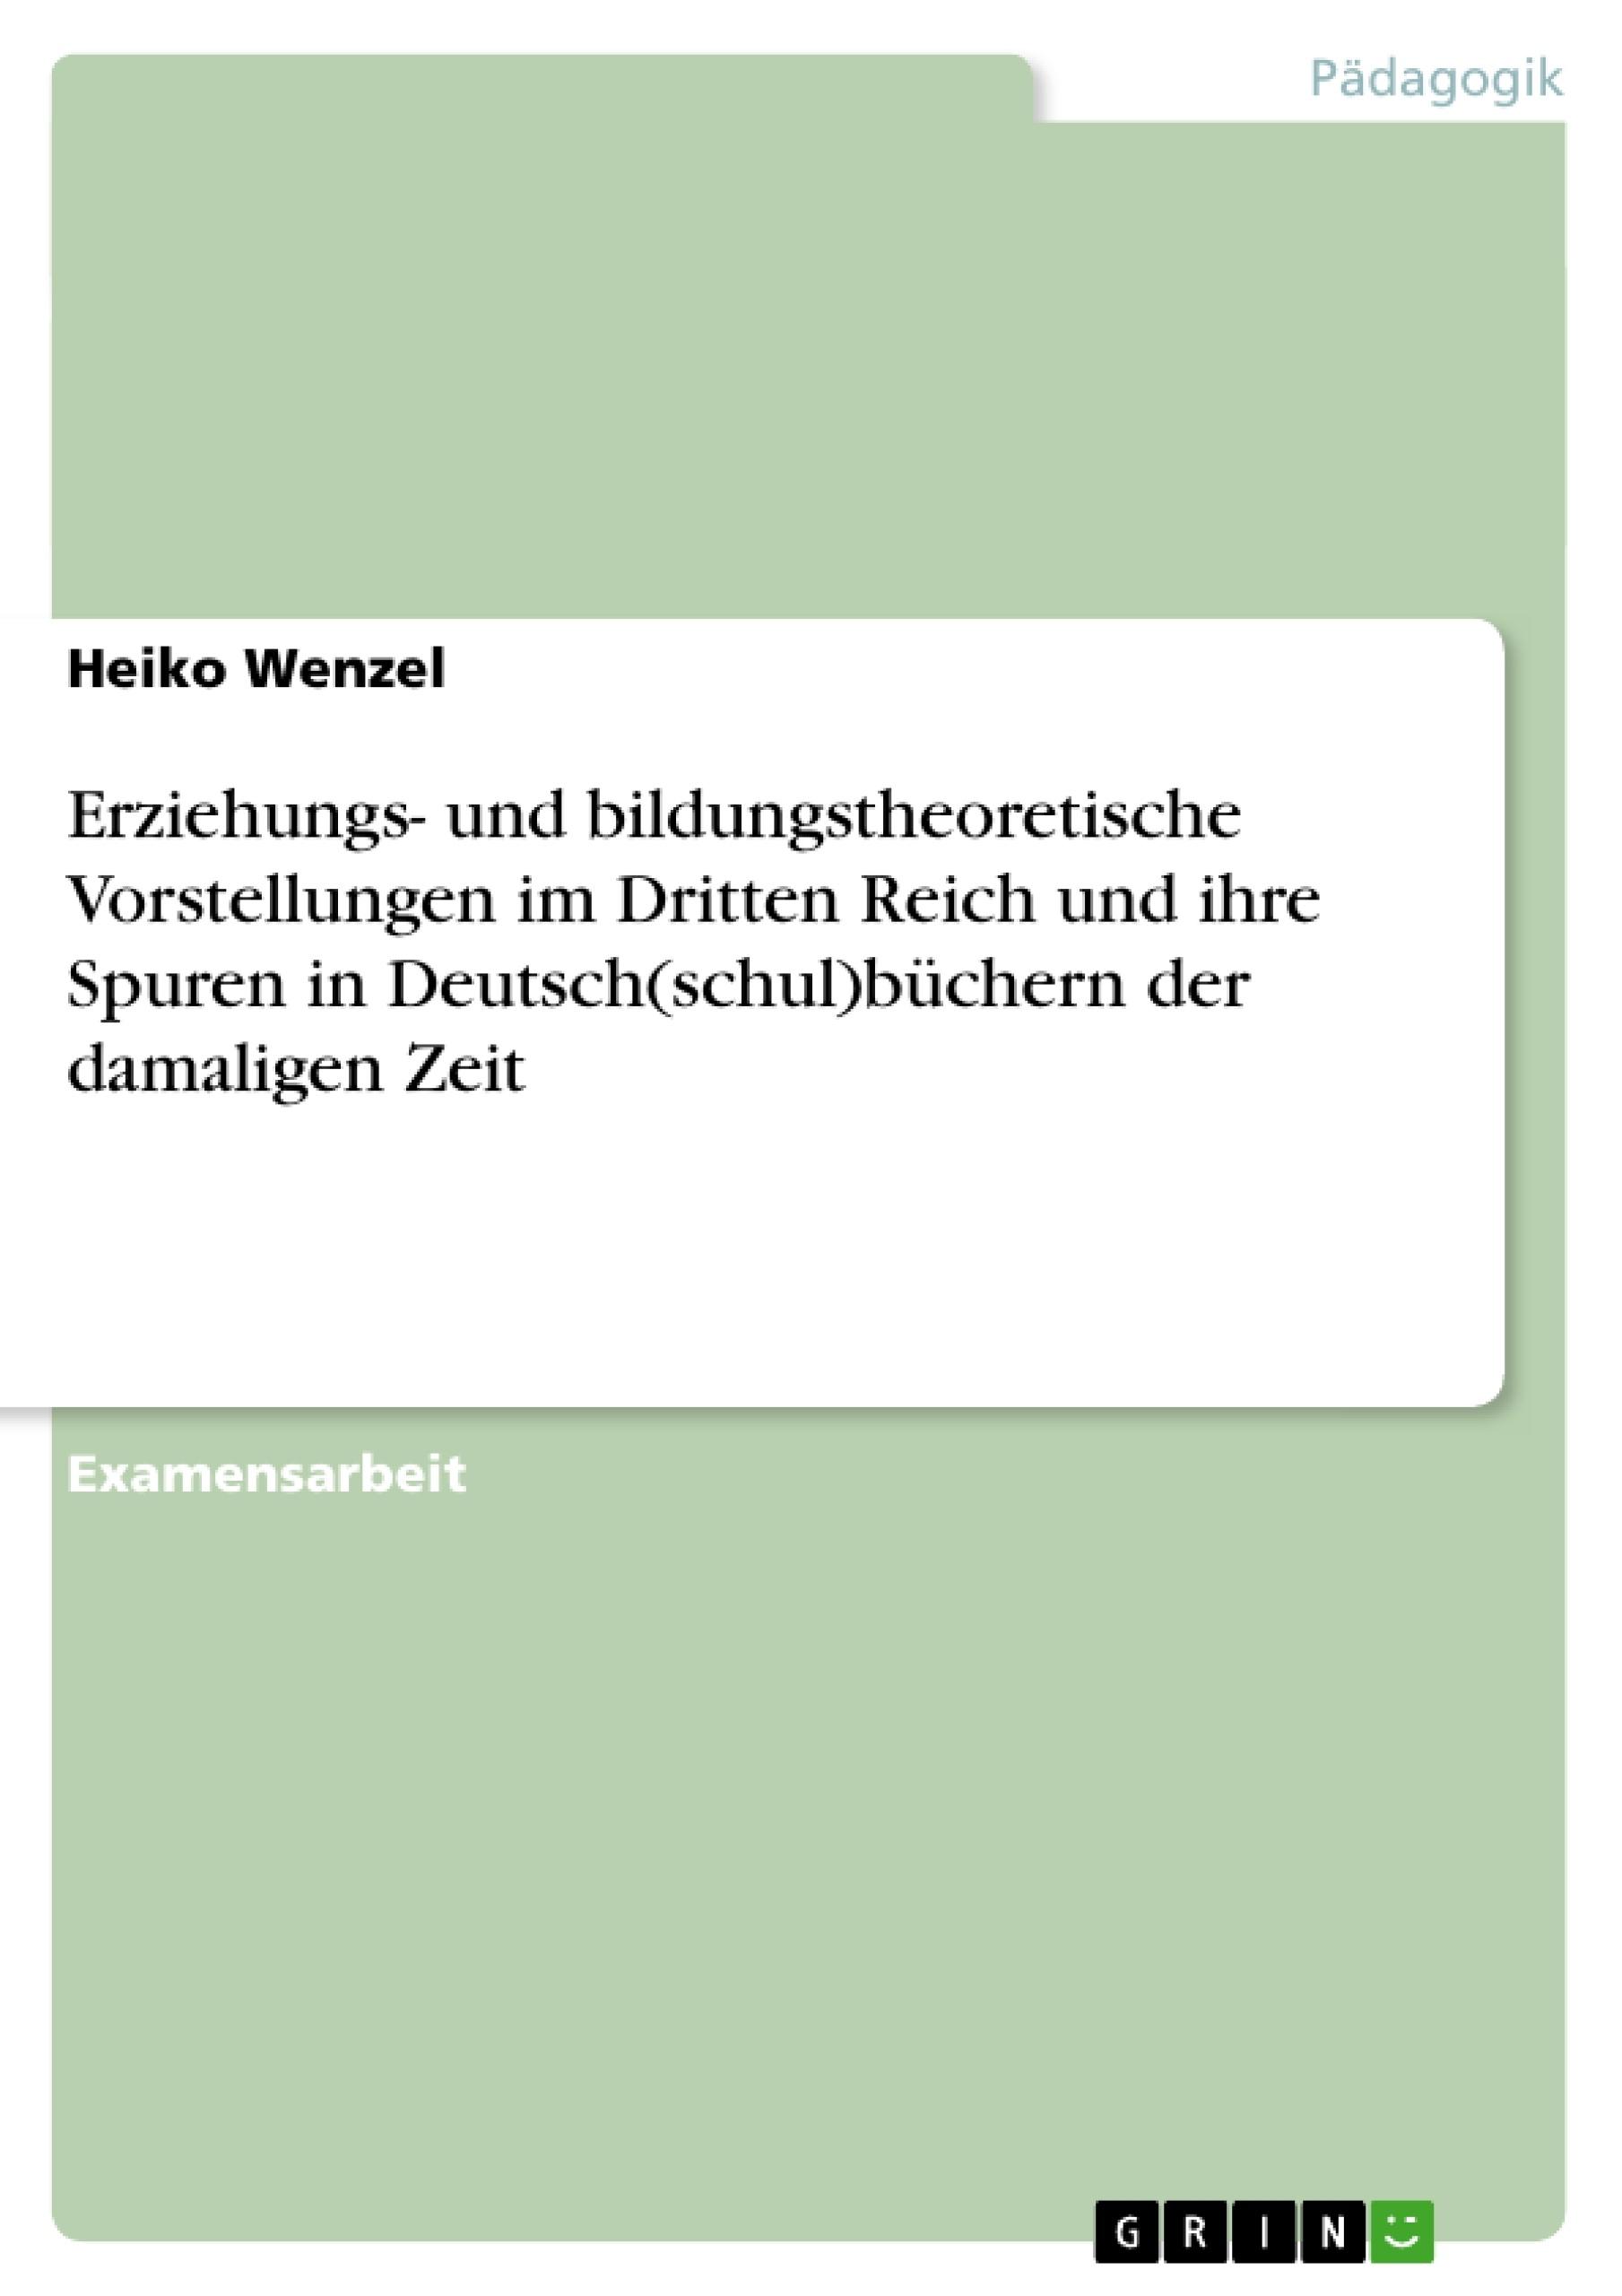 Titel: Erziehungs- und bildungstheoretische Vorstellungen im Dritten Reich und ihre Spuren in Deutsch(schul)büchern der damaligen Zeit